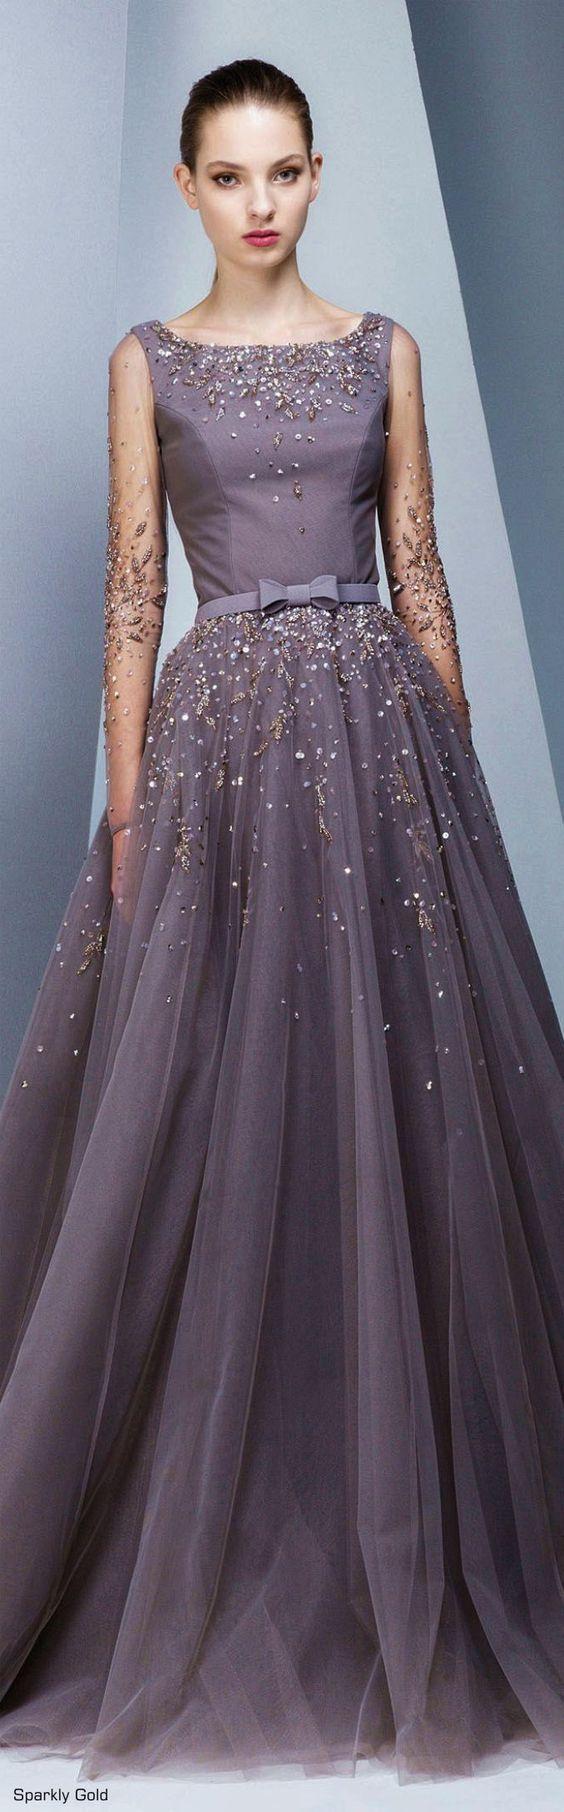 Vestido de festa longo roxo acinzentado | Grey-ish purple long dress